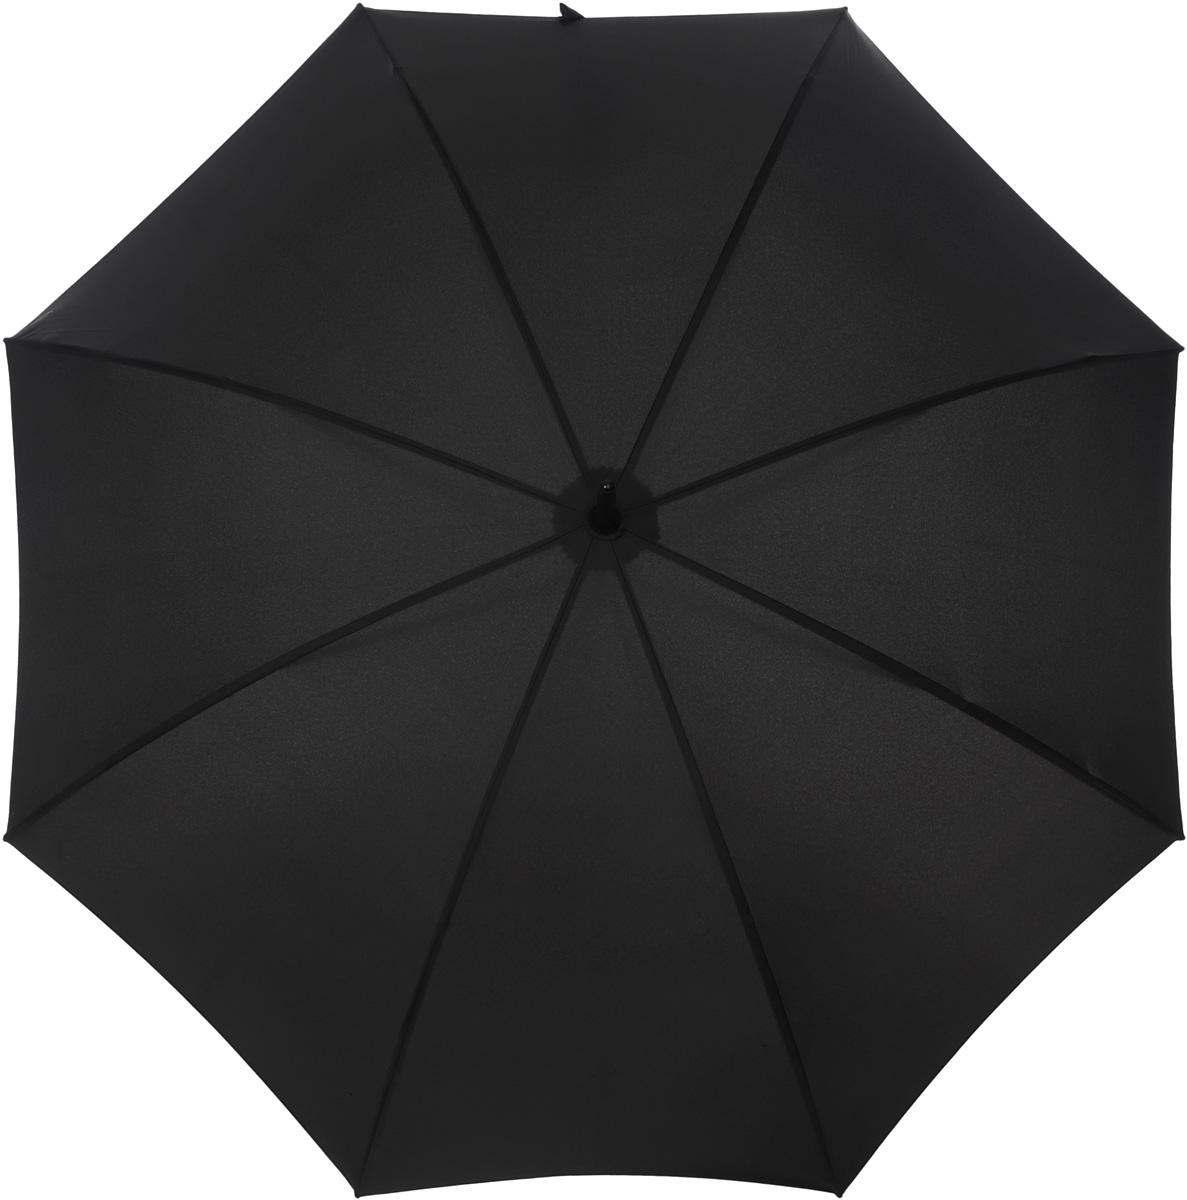 Зонт-трость мужской Fulton, полуавтомат, цвет: черный. G813G813Стильный зонт-трость Fulton выполнен из стали, полиэстера и дерева и оснащен полуавтоматическим механизмом сложения. Изделие оформлено символикой бренда. Каркас зонта состоит из восьми двойных спиц. Купол изделия выполнен из высококачественного полиэстера. Рукоятка, разработанная с учетом требований эргономики, выполнена из натурального дерева. Такой зонт не только надежно защитит вас от дождя, но и станет стильным аксессуаром, который идеально завершит образ.